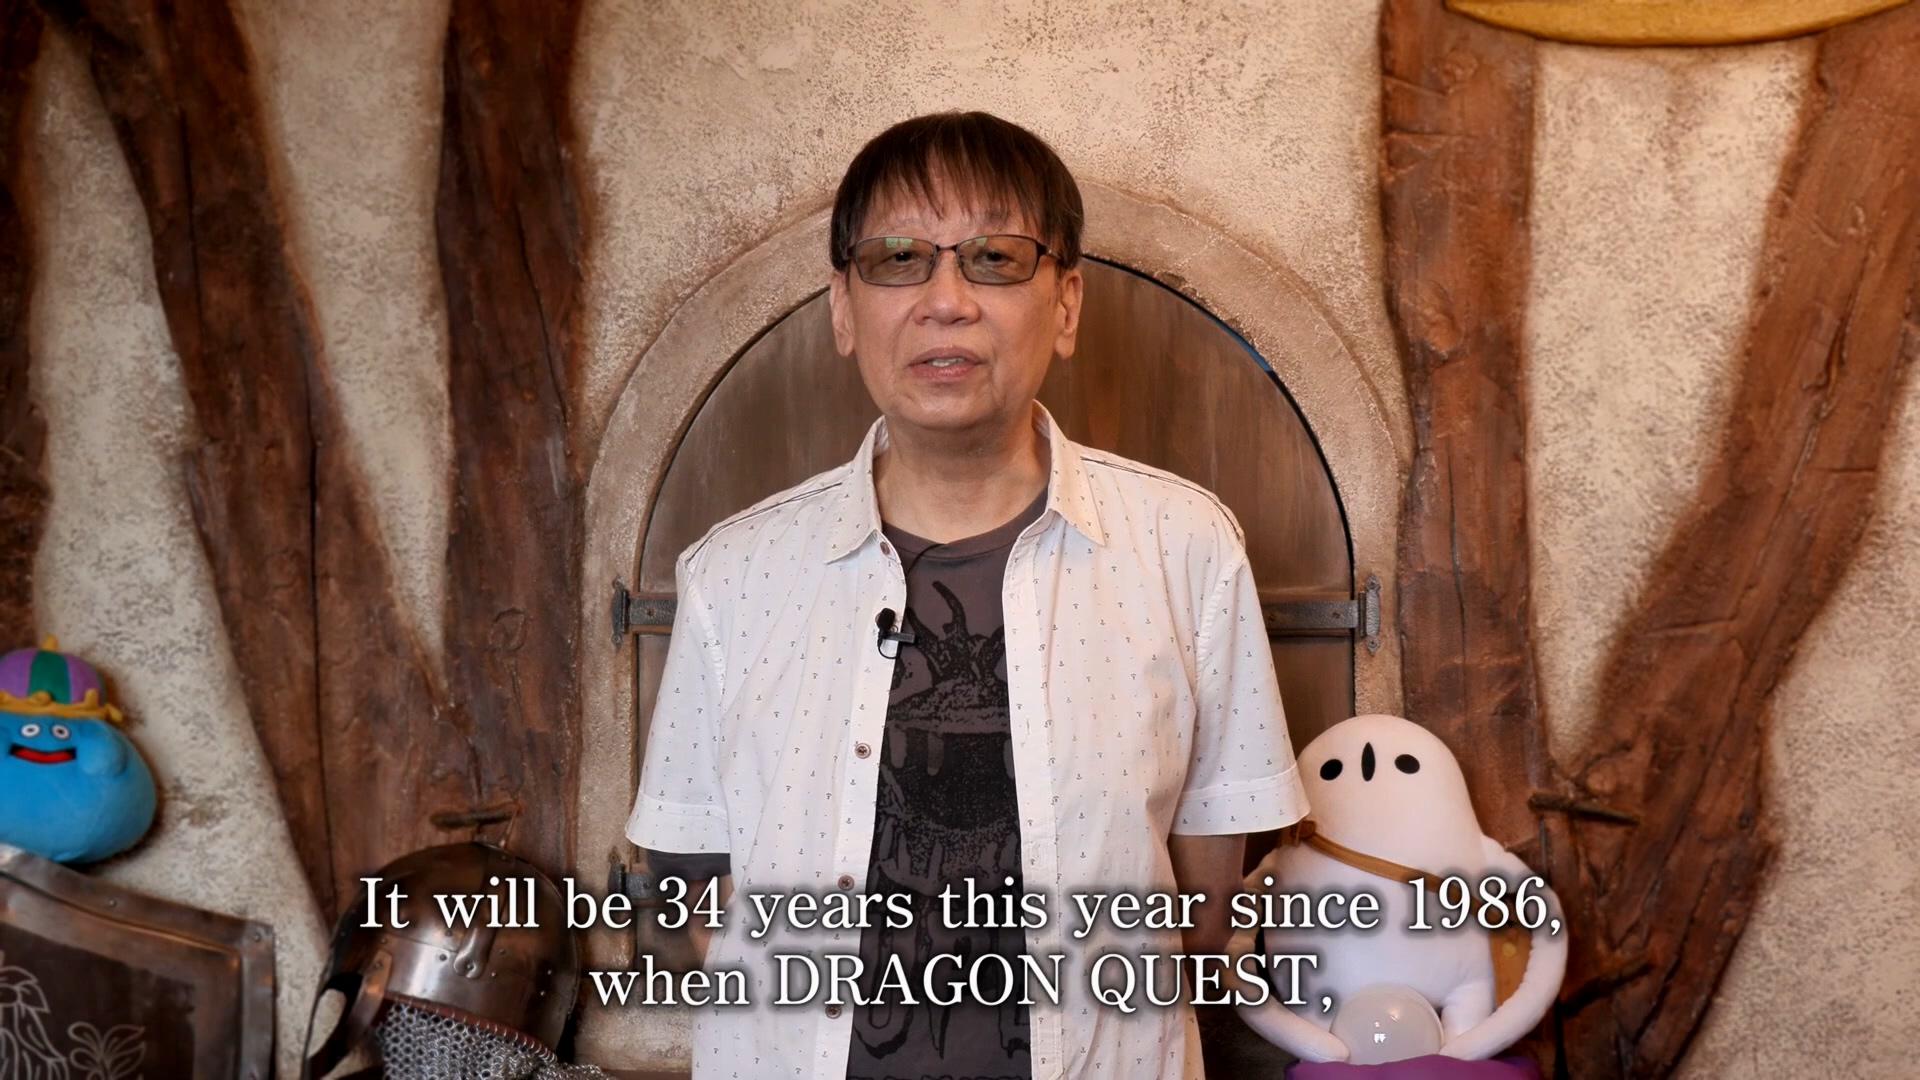 系列首次!《勇者斗恶龙11S》12月4日登陆Xbox平台